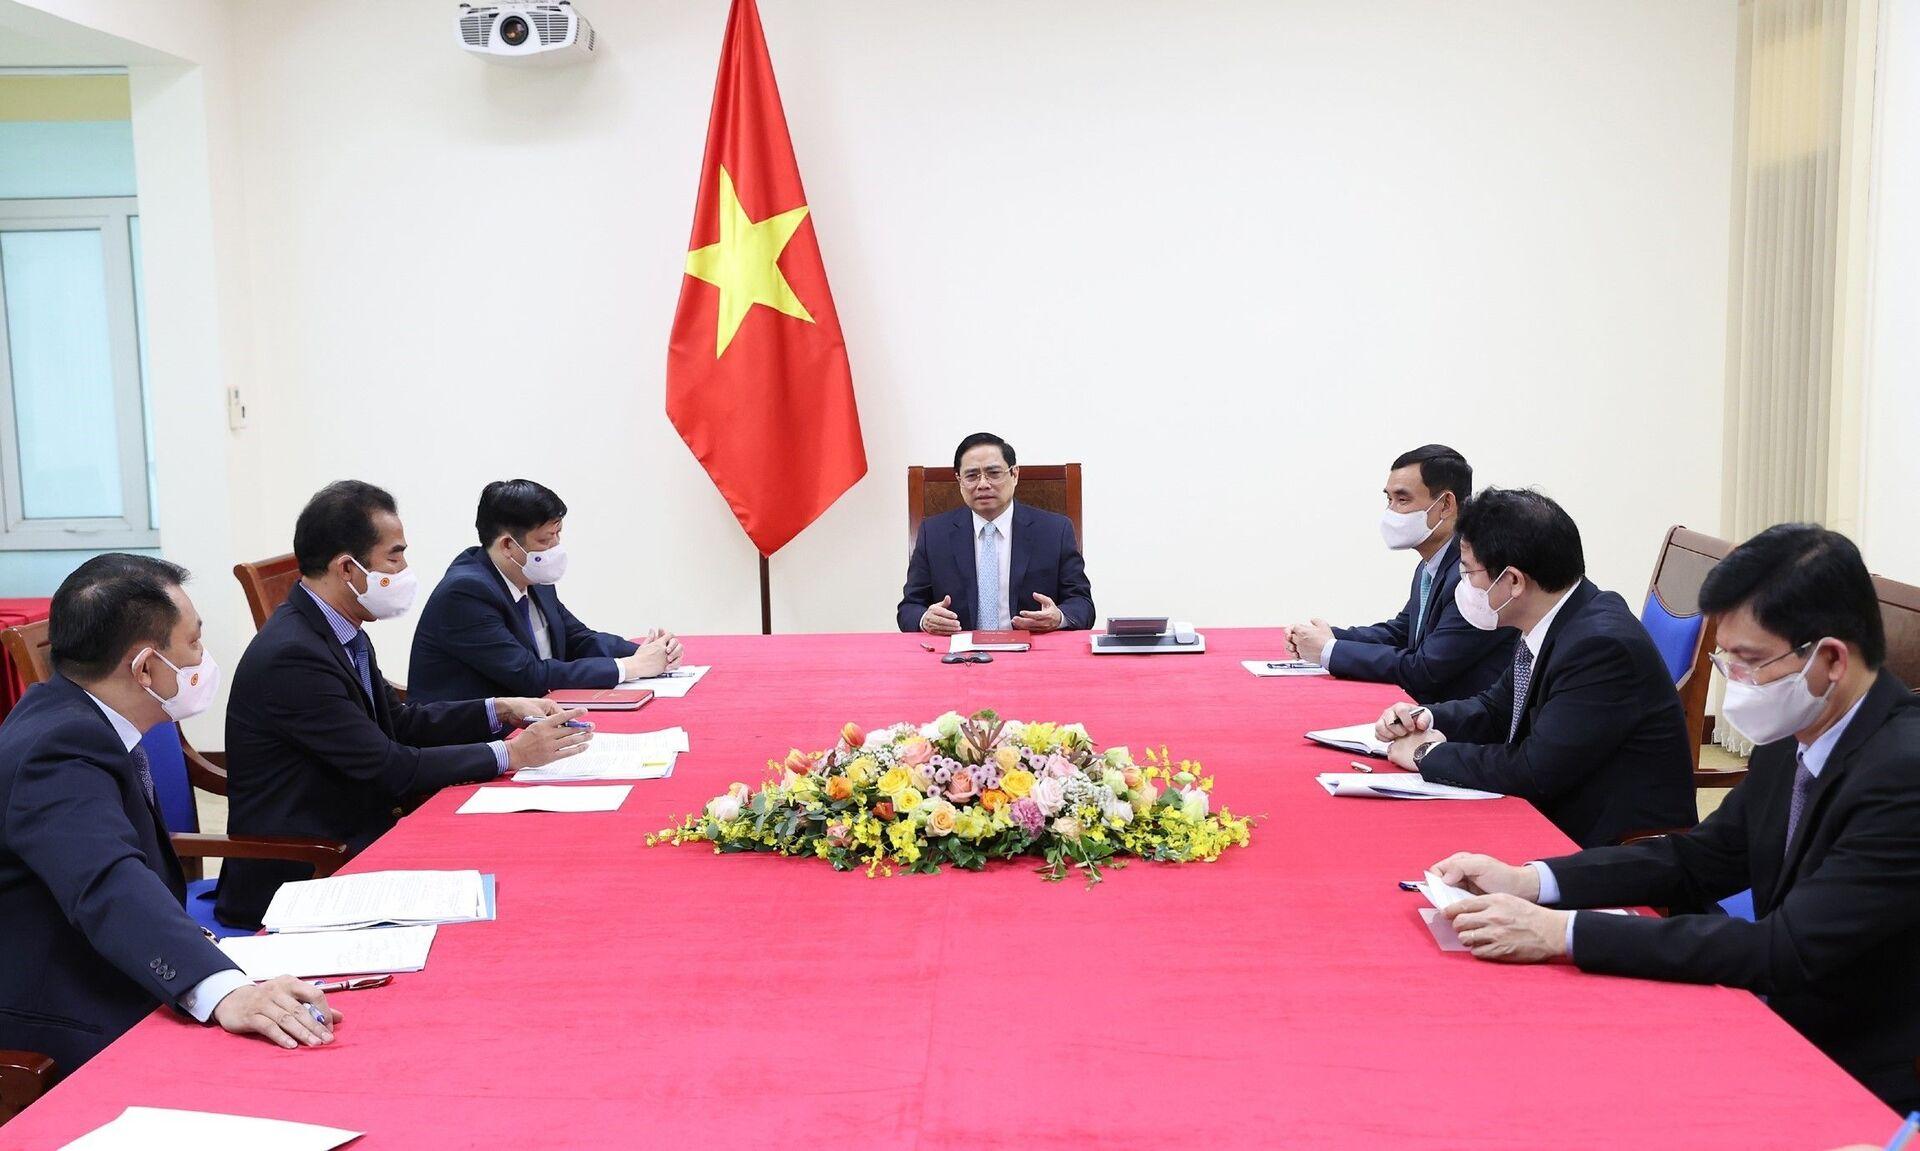 Thủ tướng Phạm Minh Chính điện đàm với Thủ tướng Pháp Jean Castex - Sputnik Việt Nam, 1920, 14.06.2021